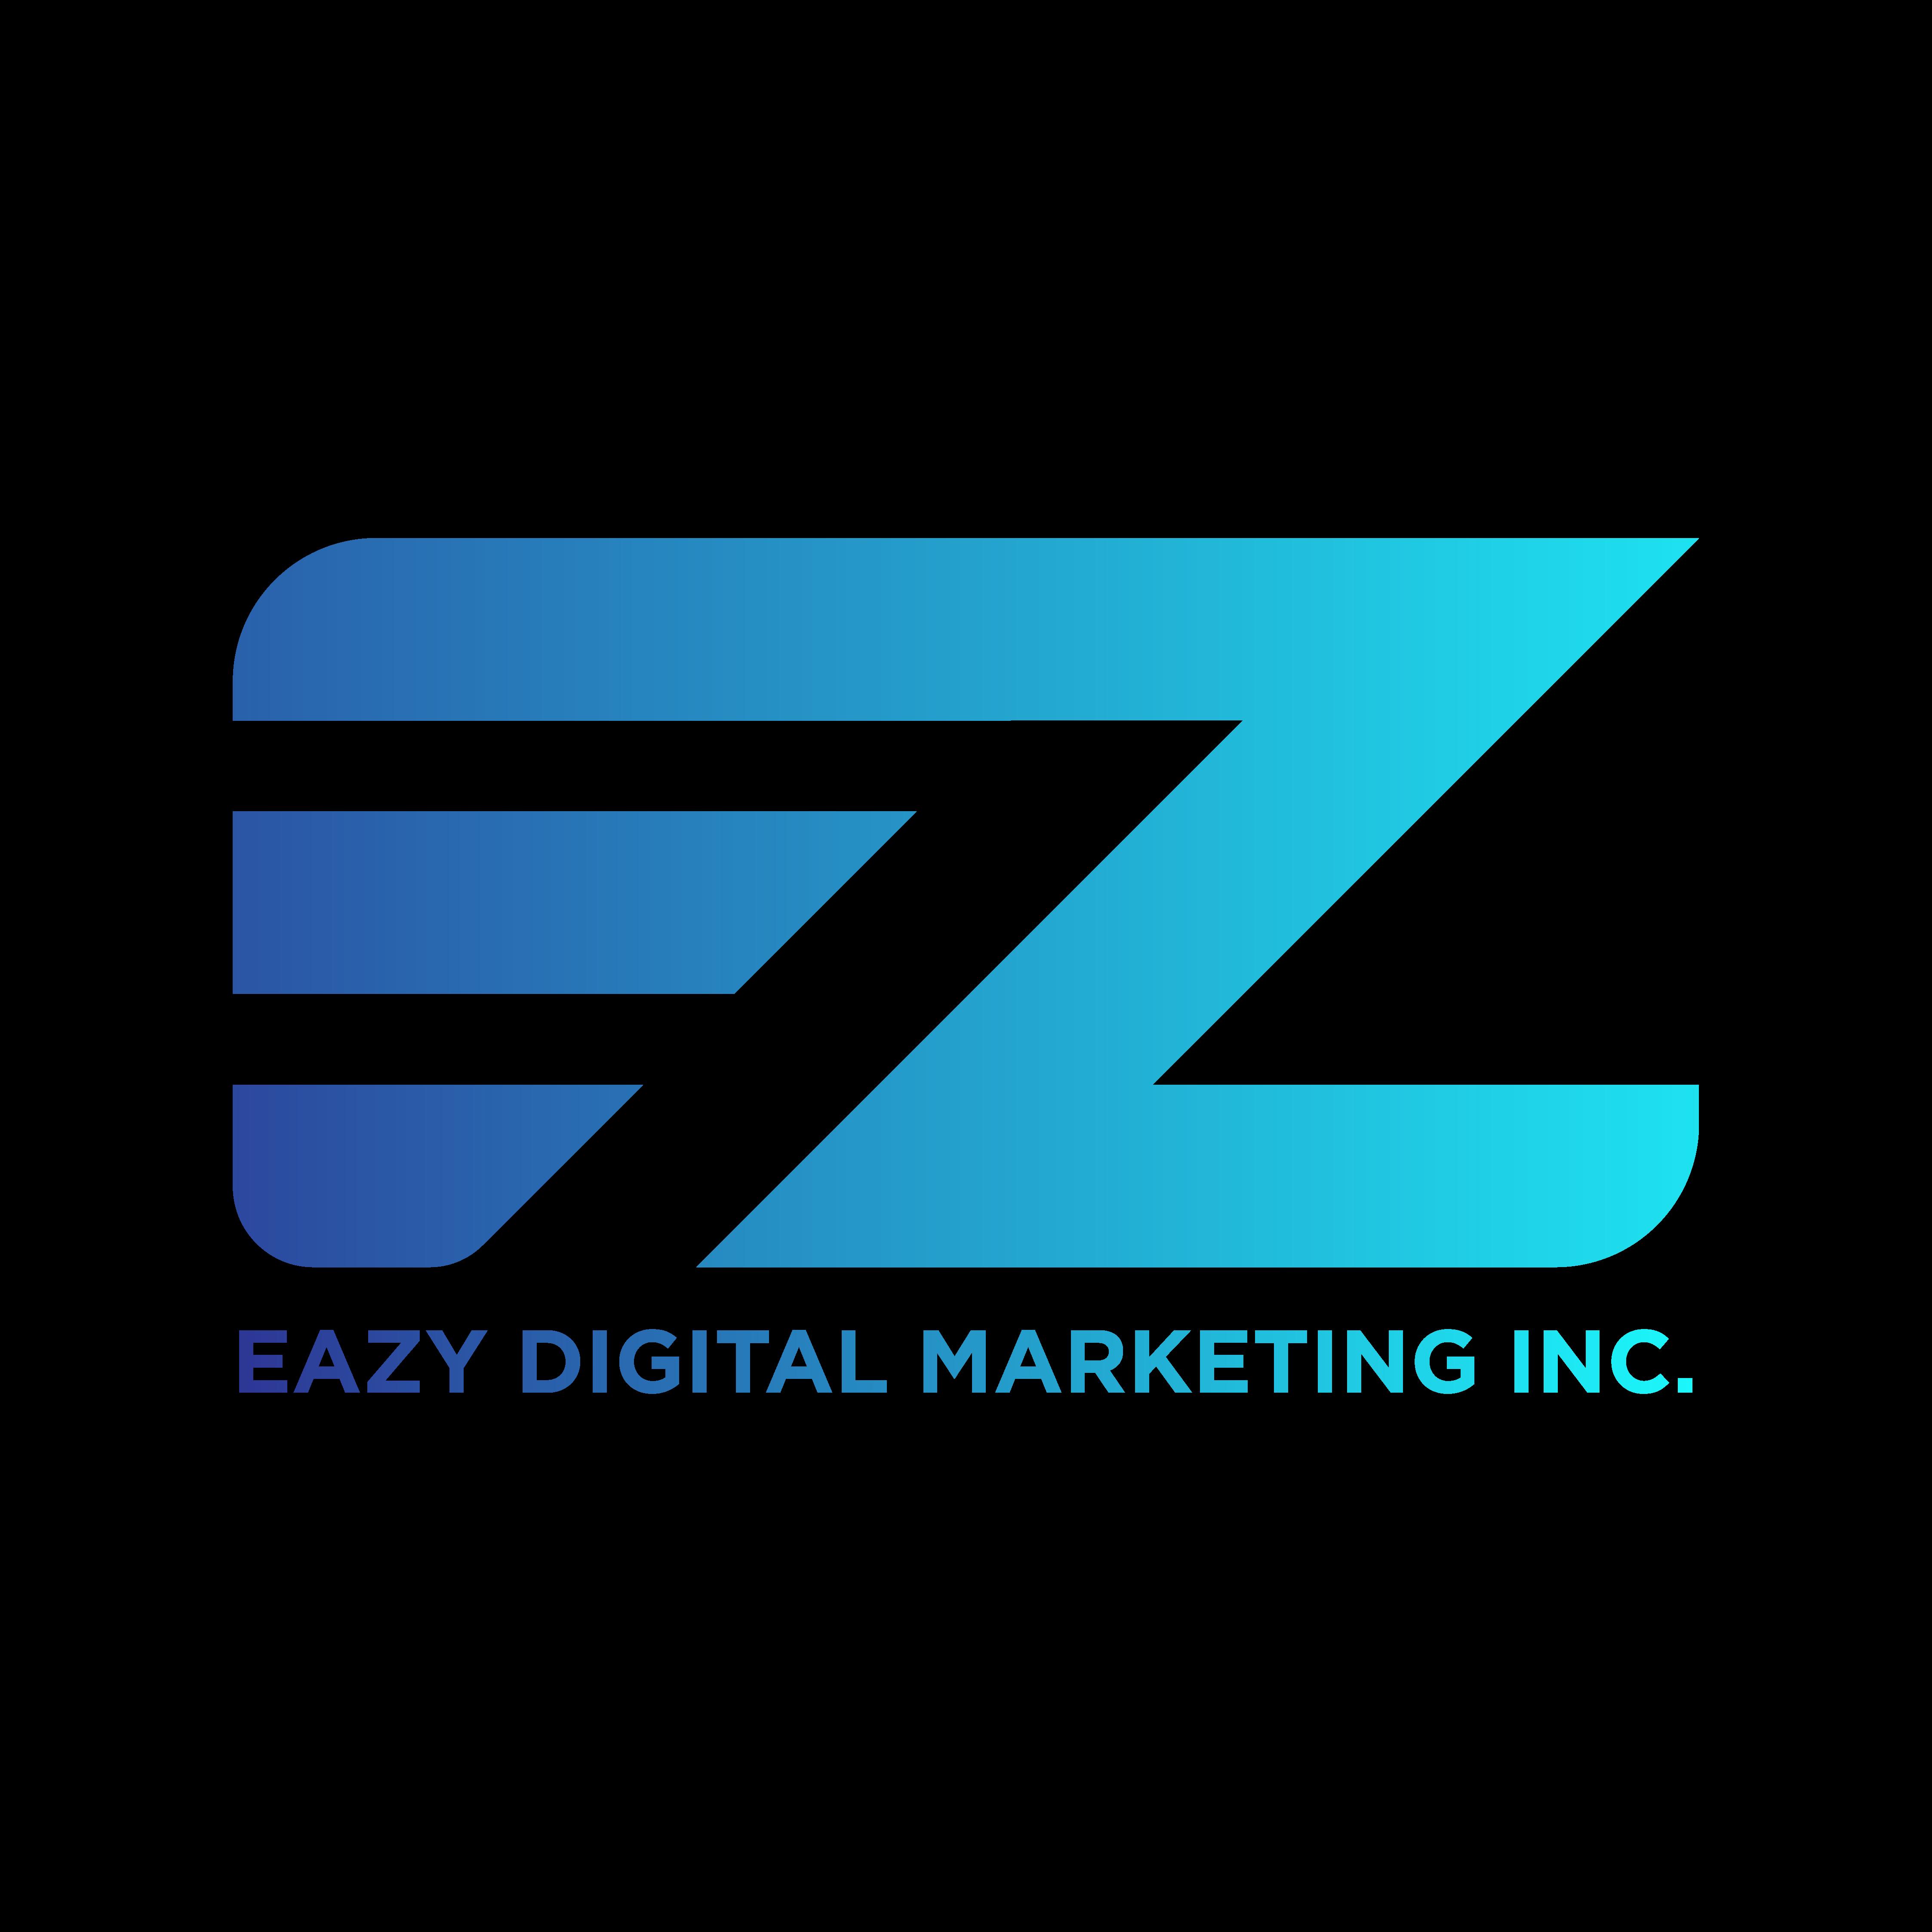 ezdigital-logo